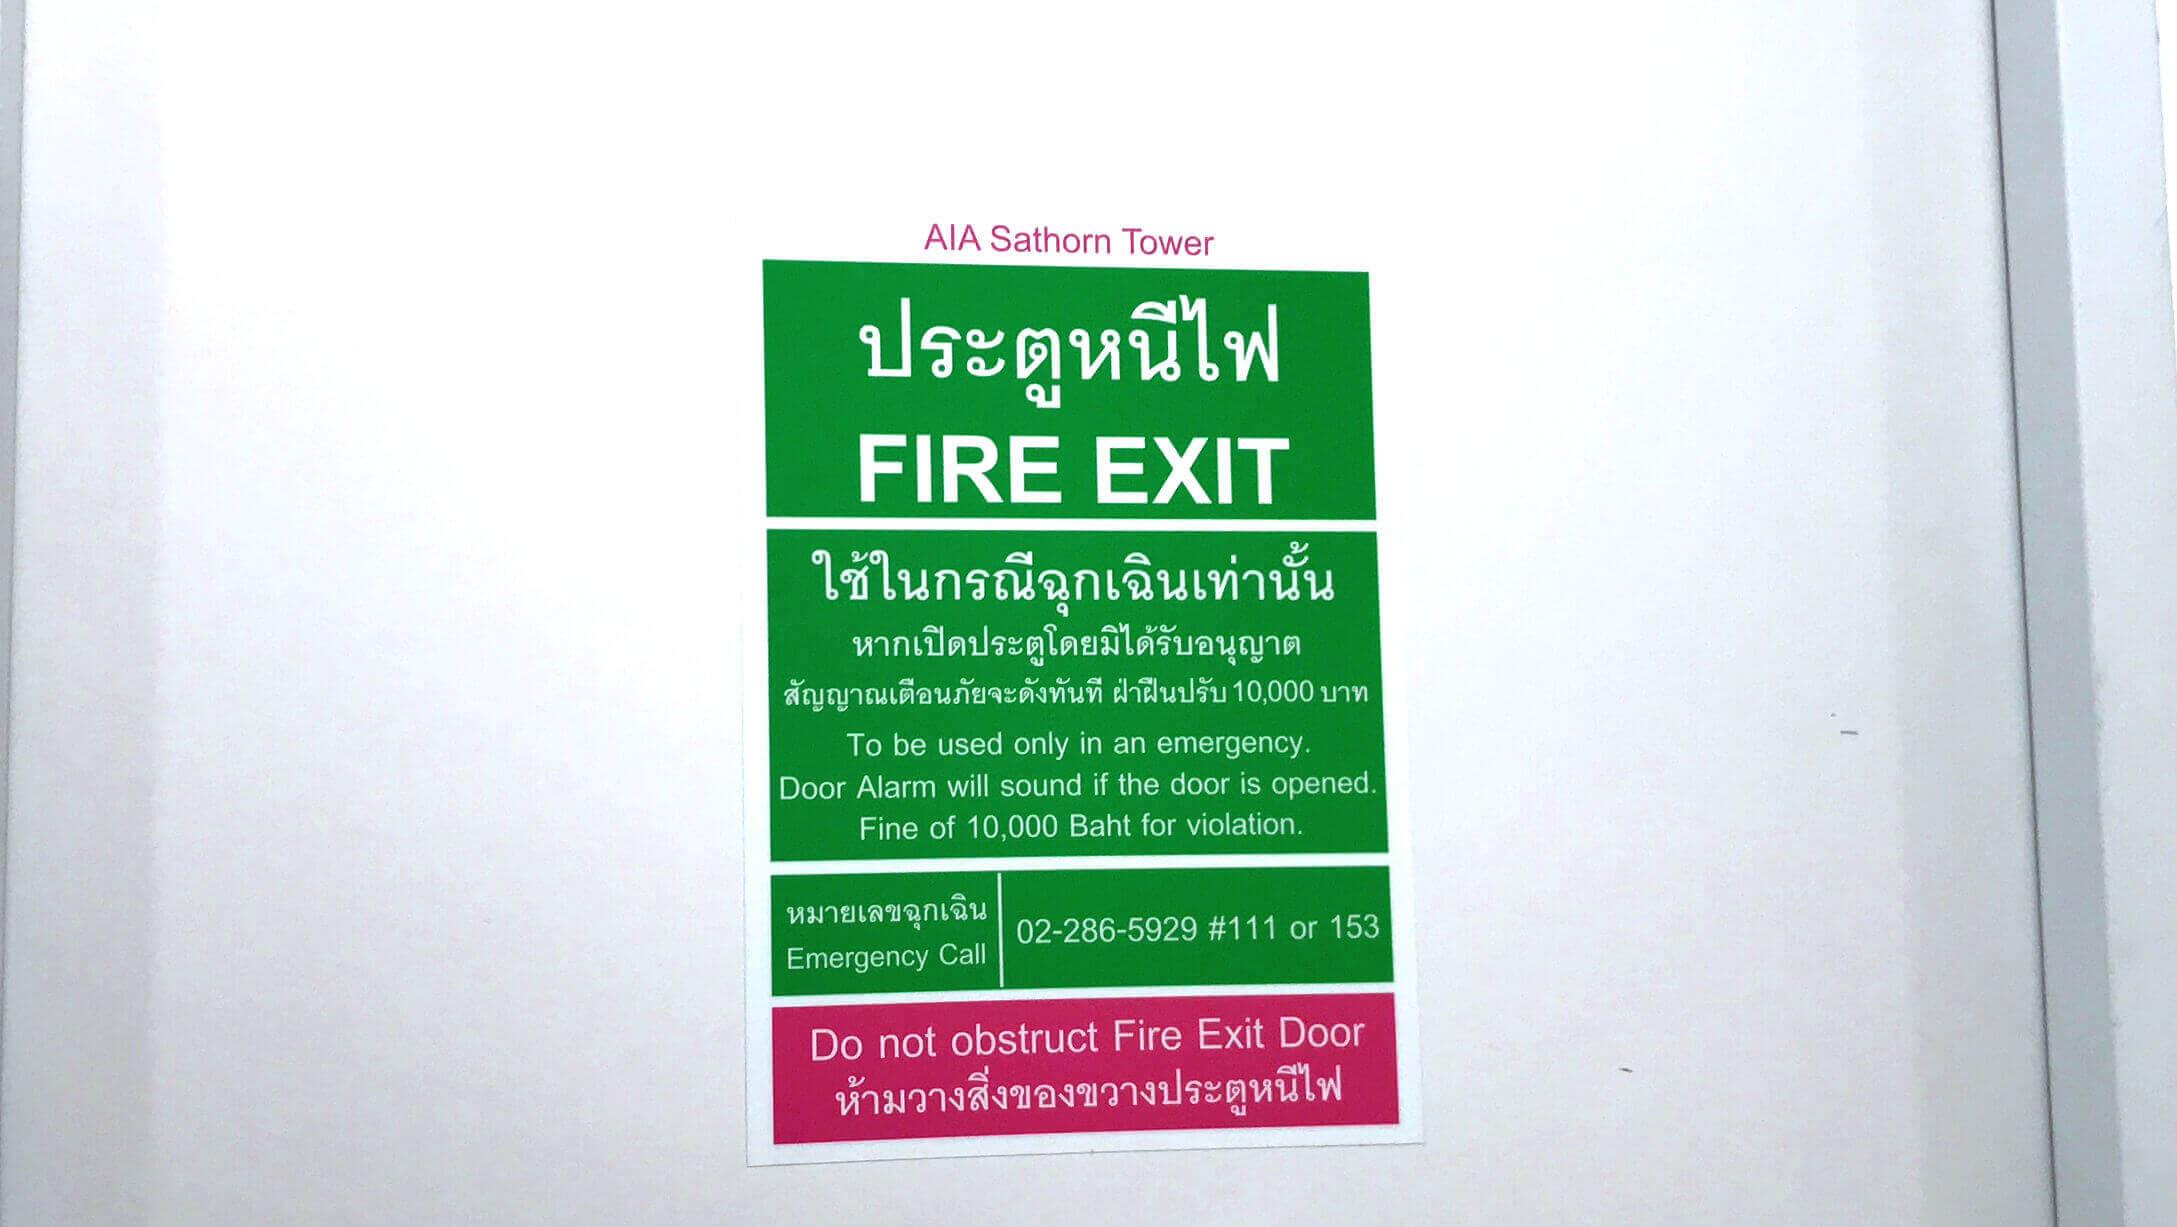 バンコク オフィス物件 AIA Sathorn Tower 避難口の様子